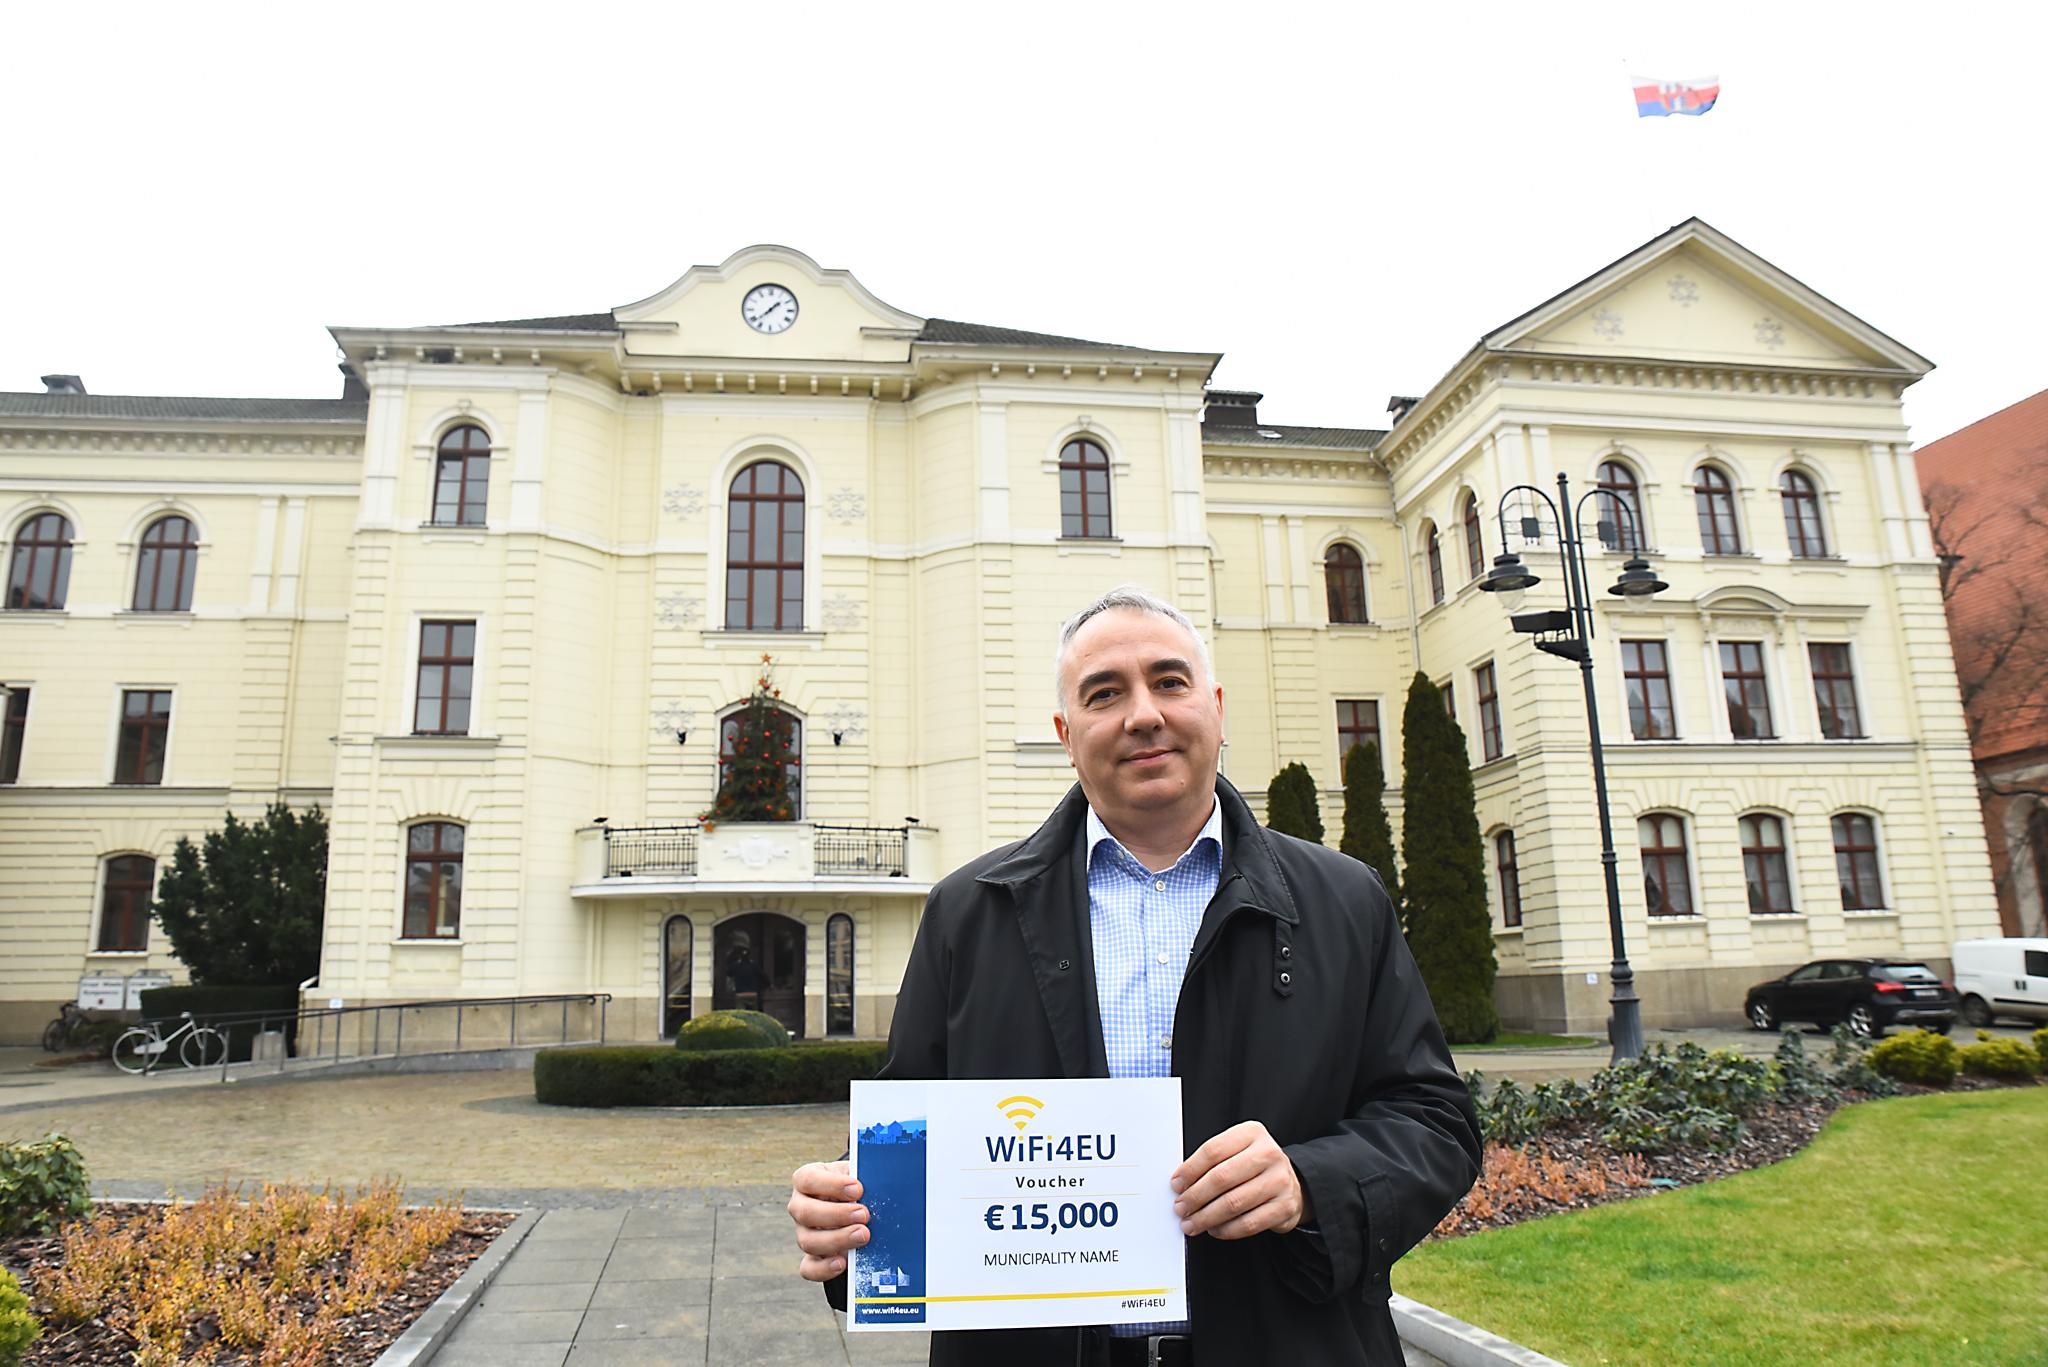 Mayor of Bydgoszcz, Poland, with WiFi4EU voucher